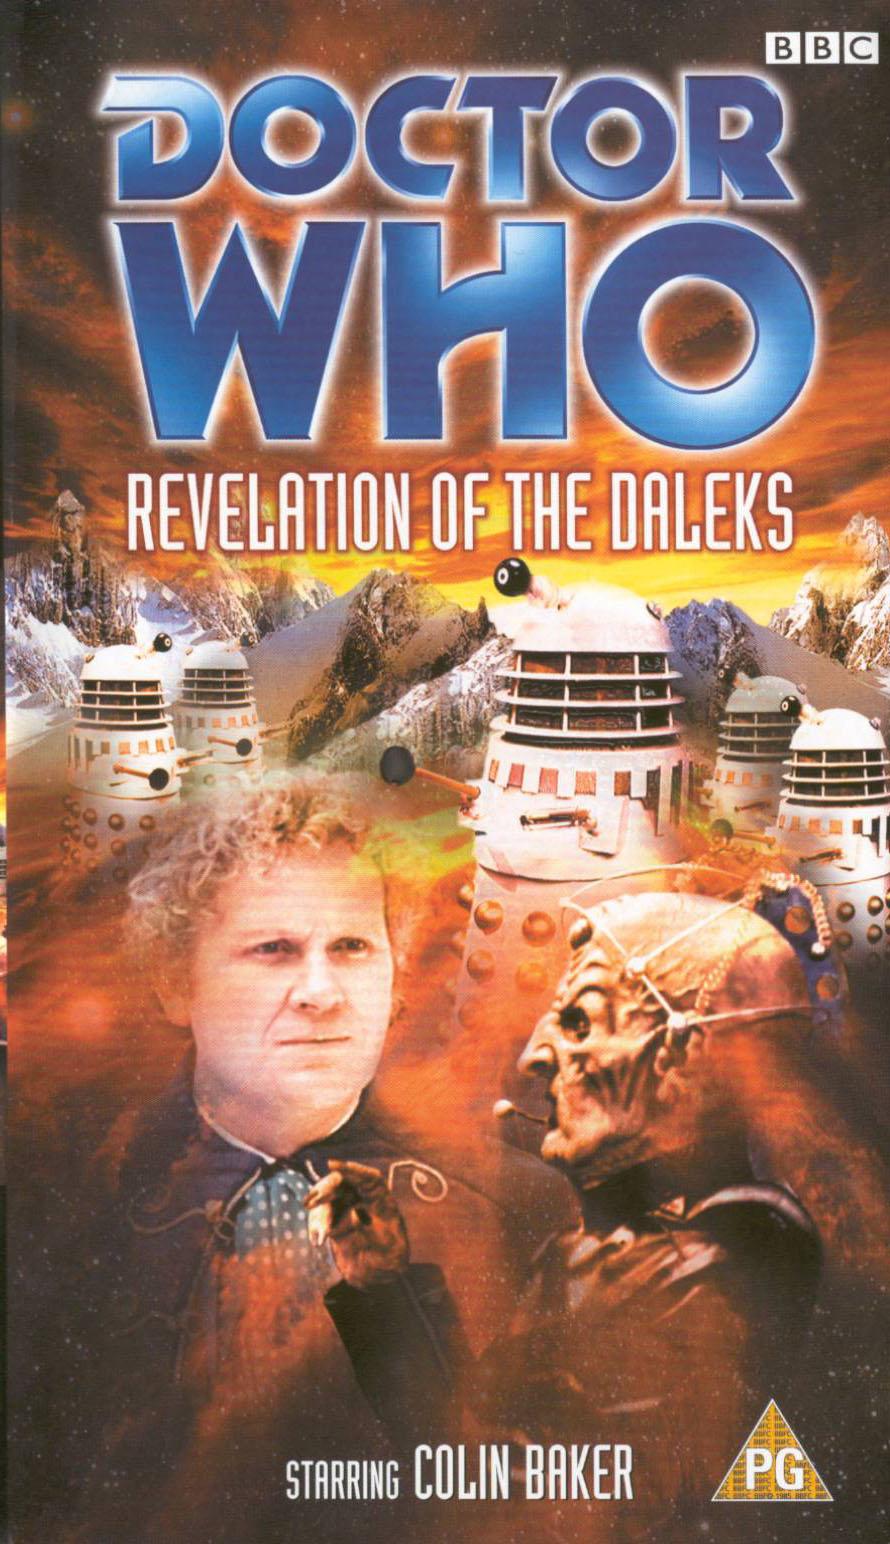 Revelation of the Daleks